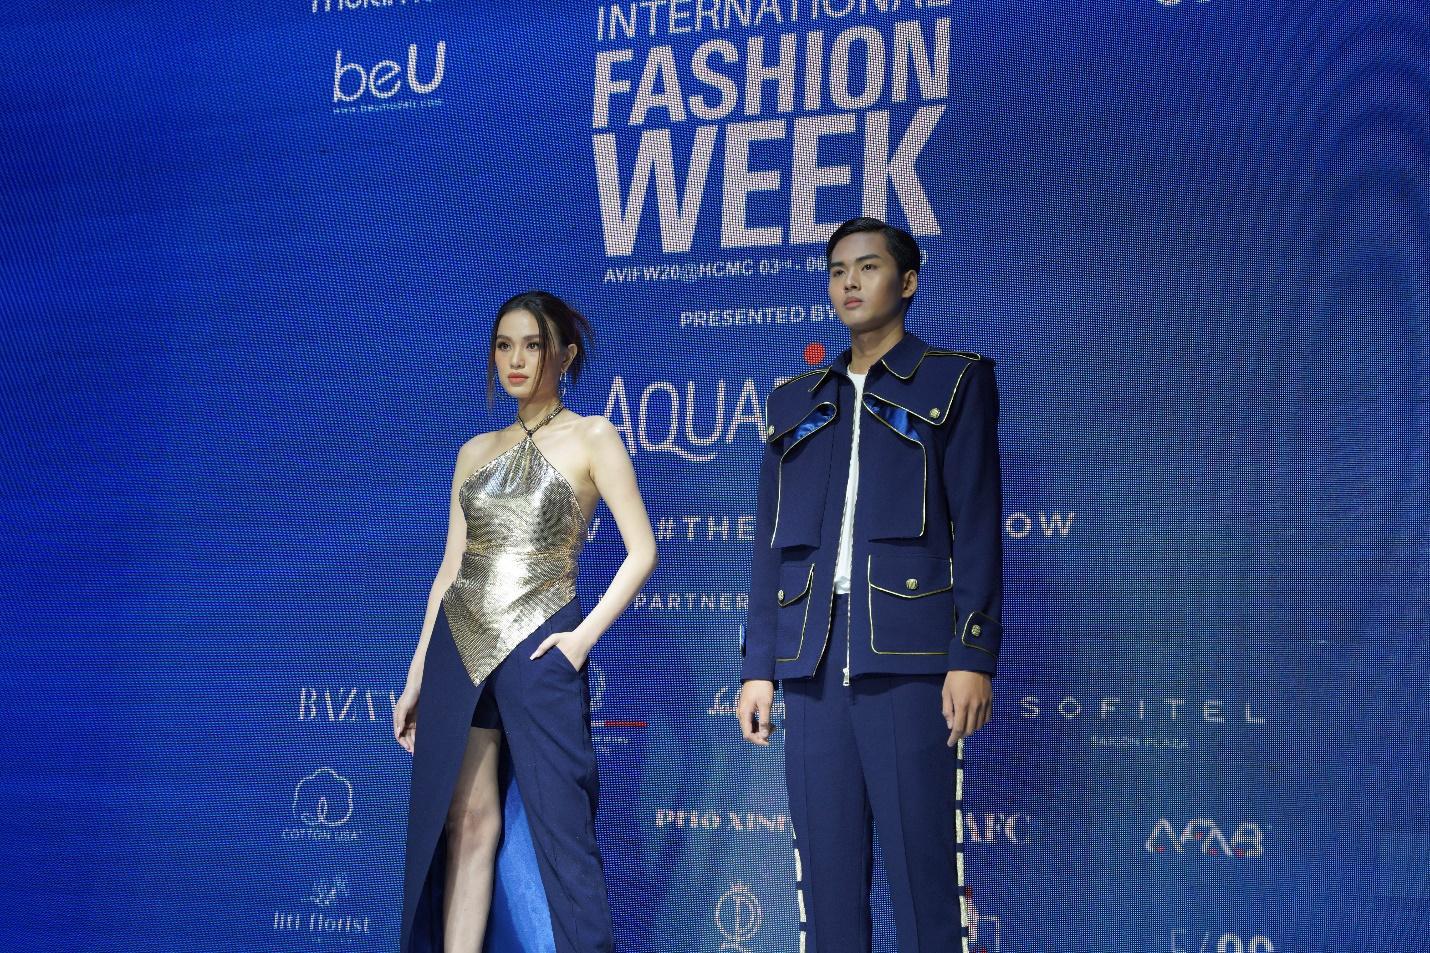 Aquafina Tuần lễ Thời trang Quốc tế Việt Nam 2020 chính thức trở lại: Tung teaser cực chất, thông điệp ý nghĩa - Ảnh 5.